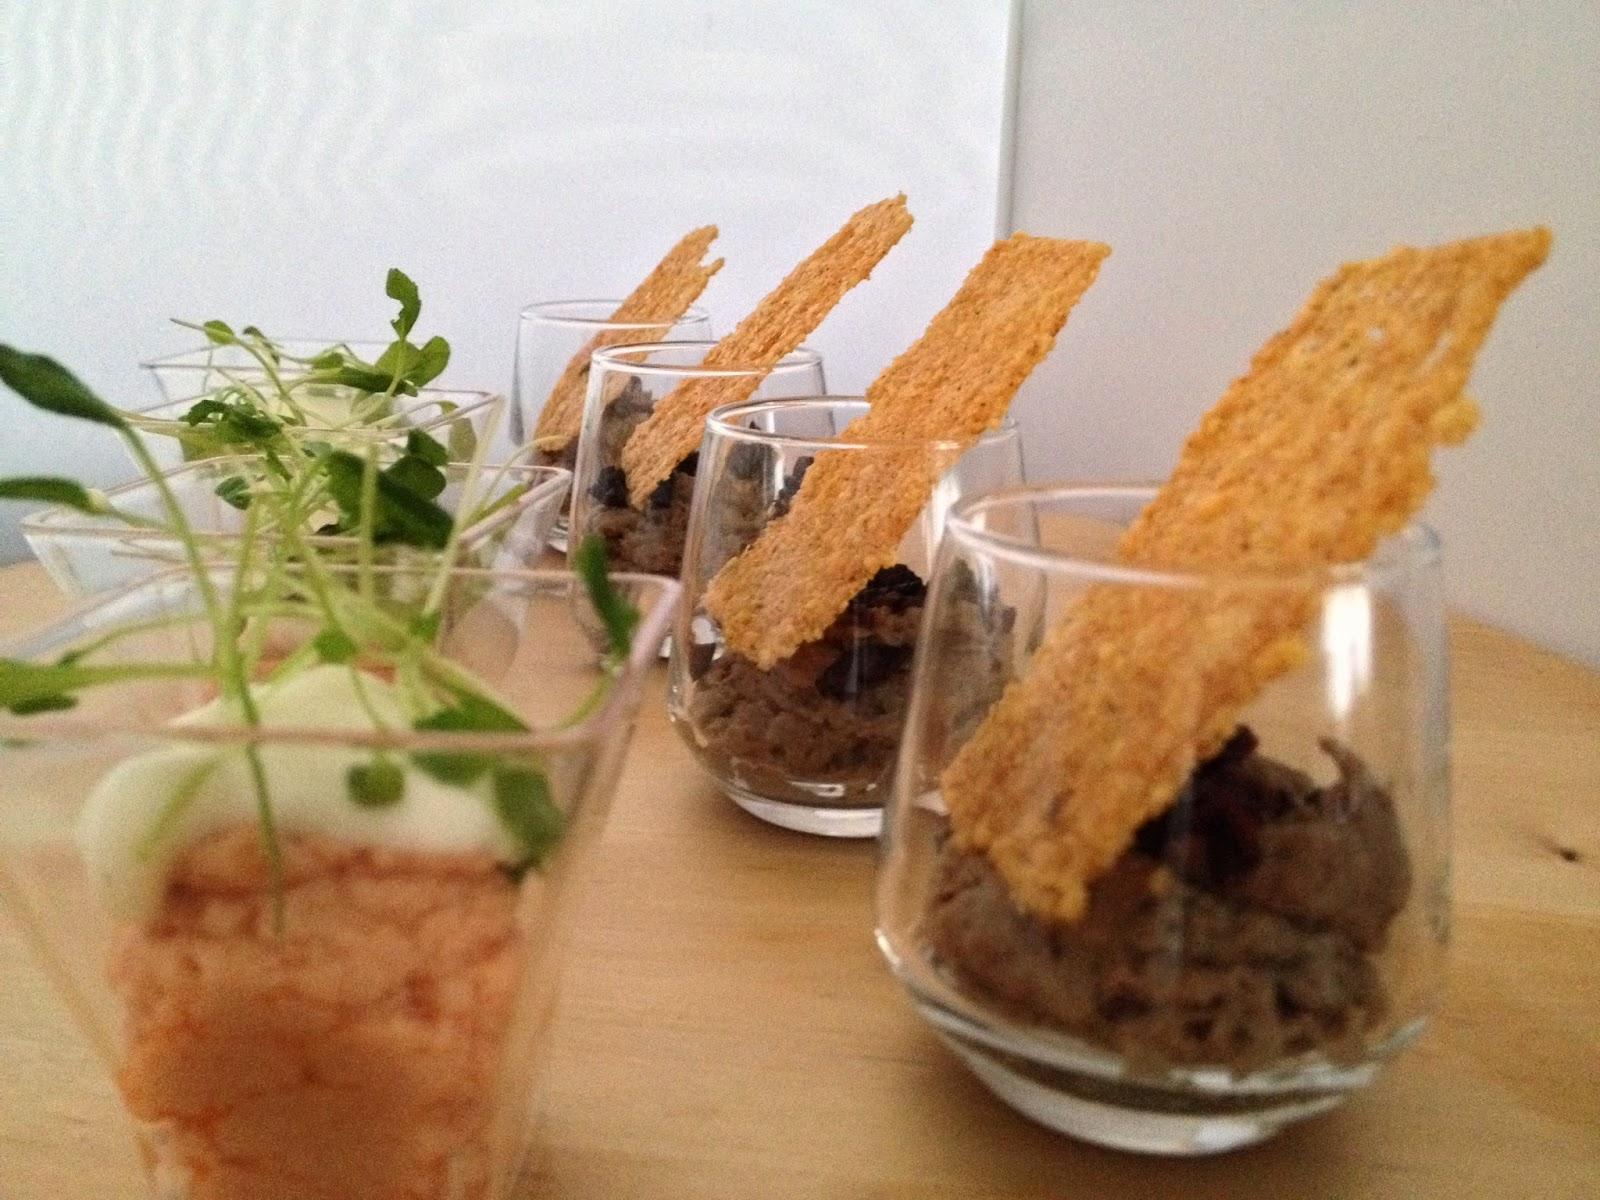 Verrines de mousse de tapenade et tuile de parmesan , mousse de saumon frais chantilly aux herbe